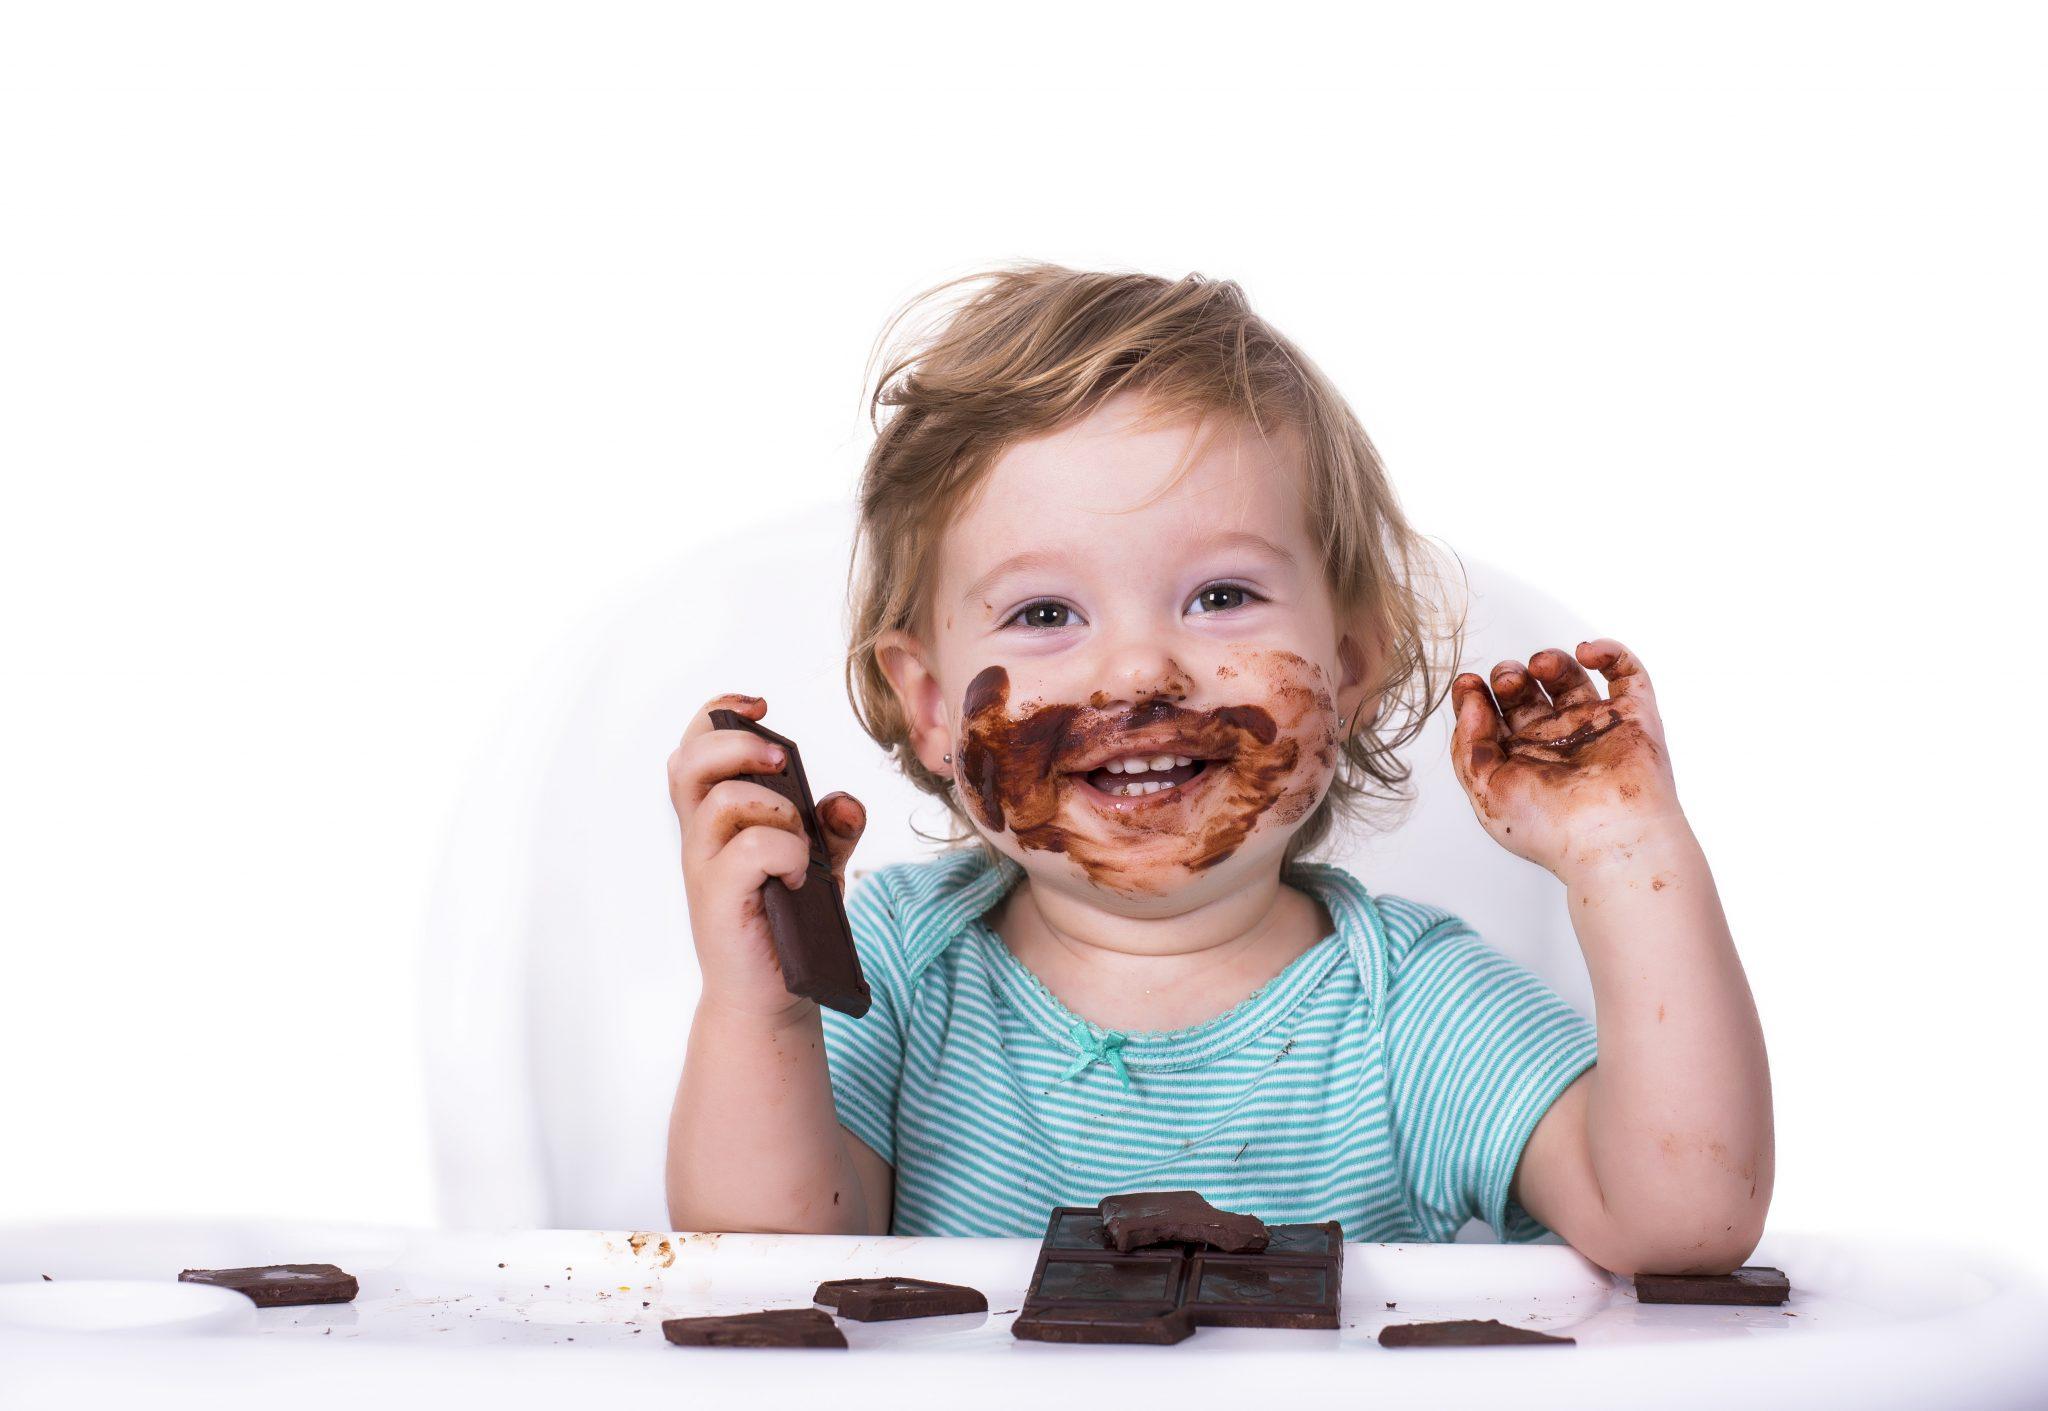 هل كنا نتوقع أن نصل إلى مرحلة ترتبط فيها حبة الشوكولاتة باستعباد الأطفال !